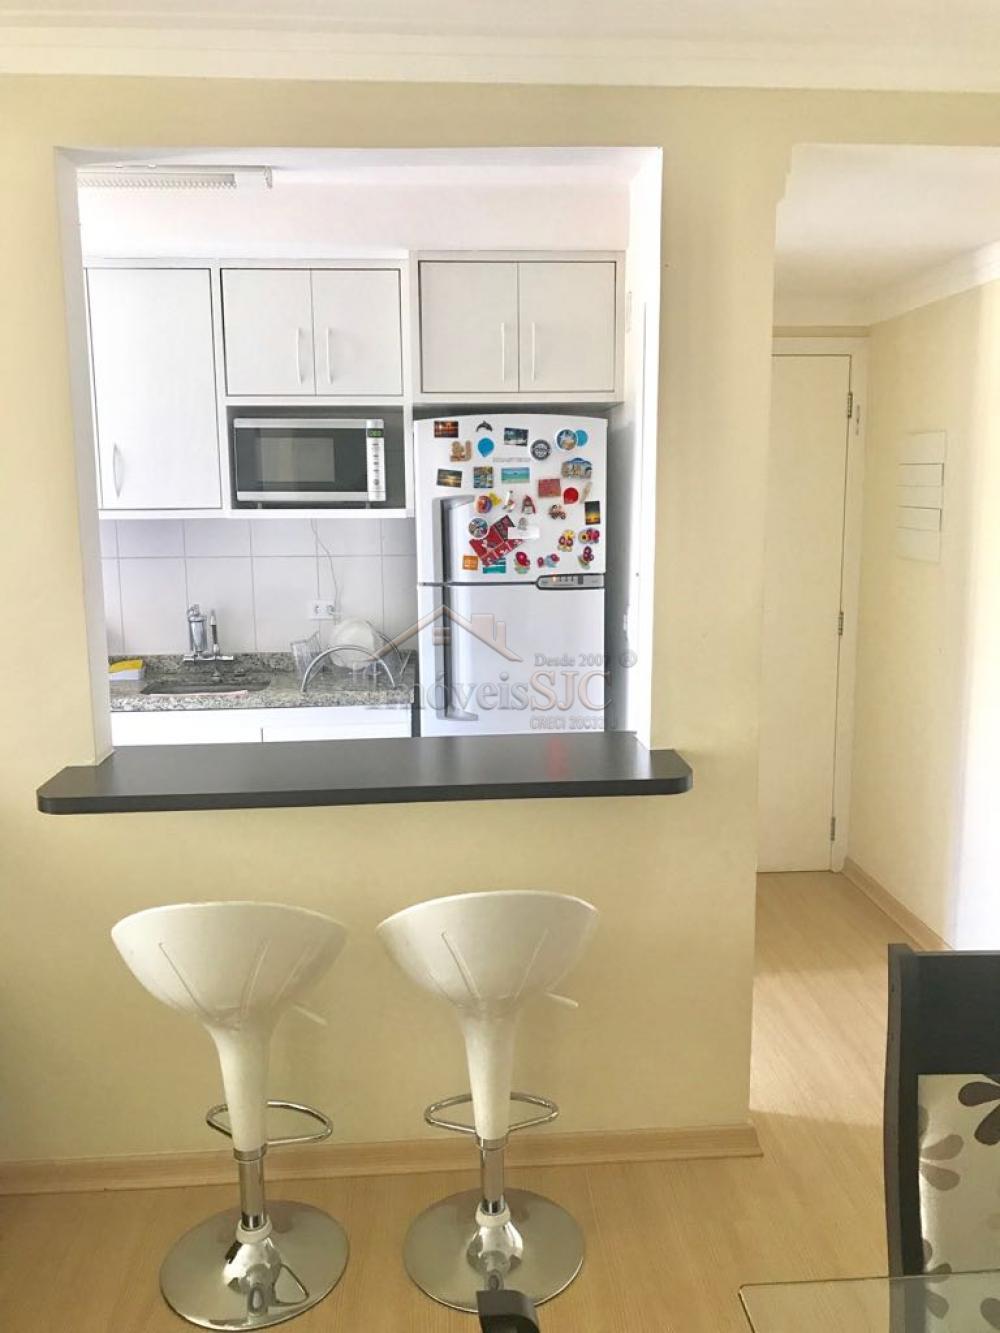 Comprar Apartamentos / Padrão em São José dos Campos apenas R$ 218.000,00 - Foto 4